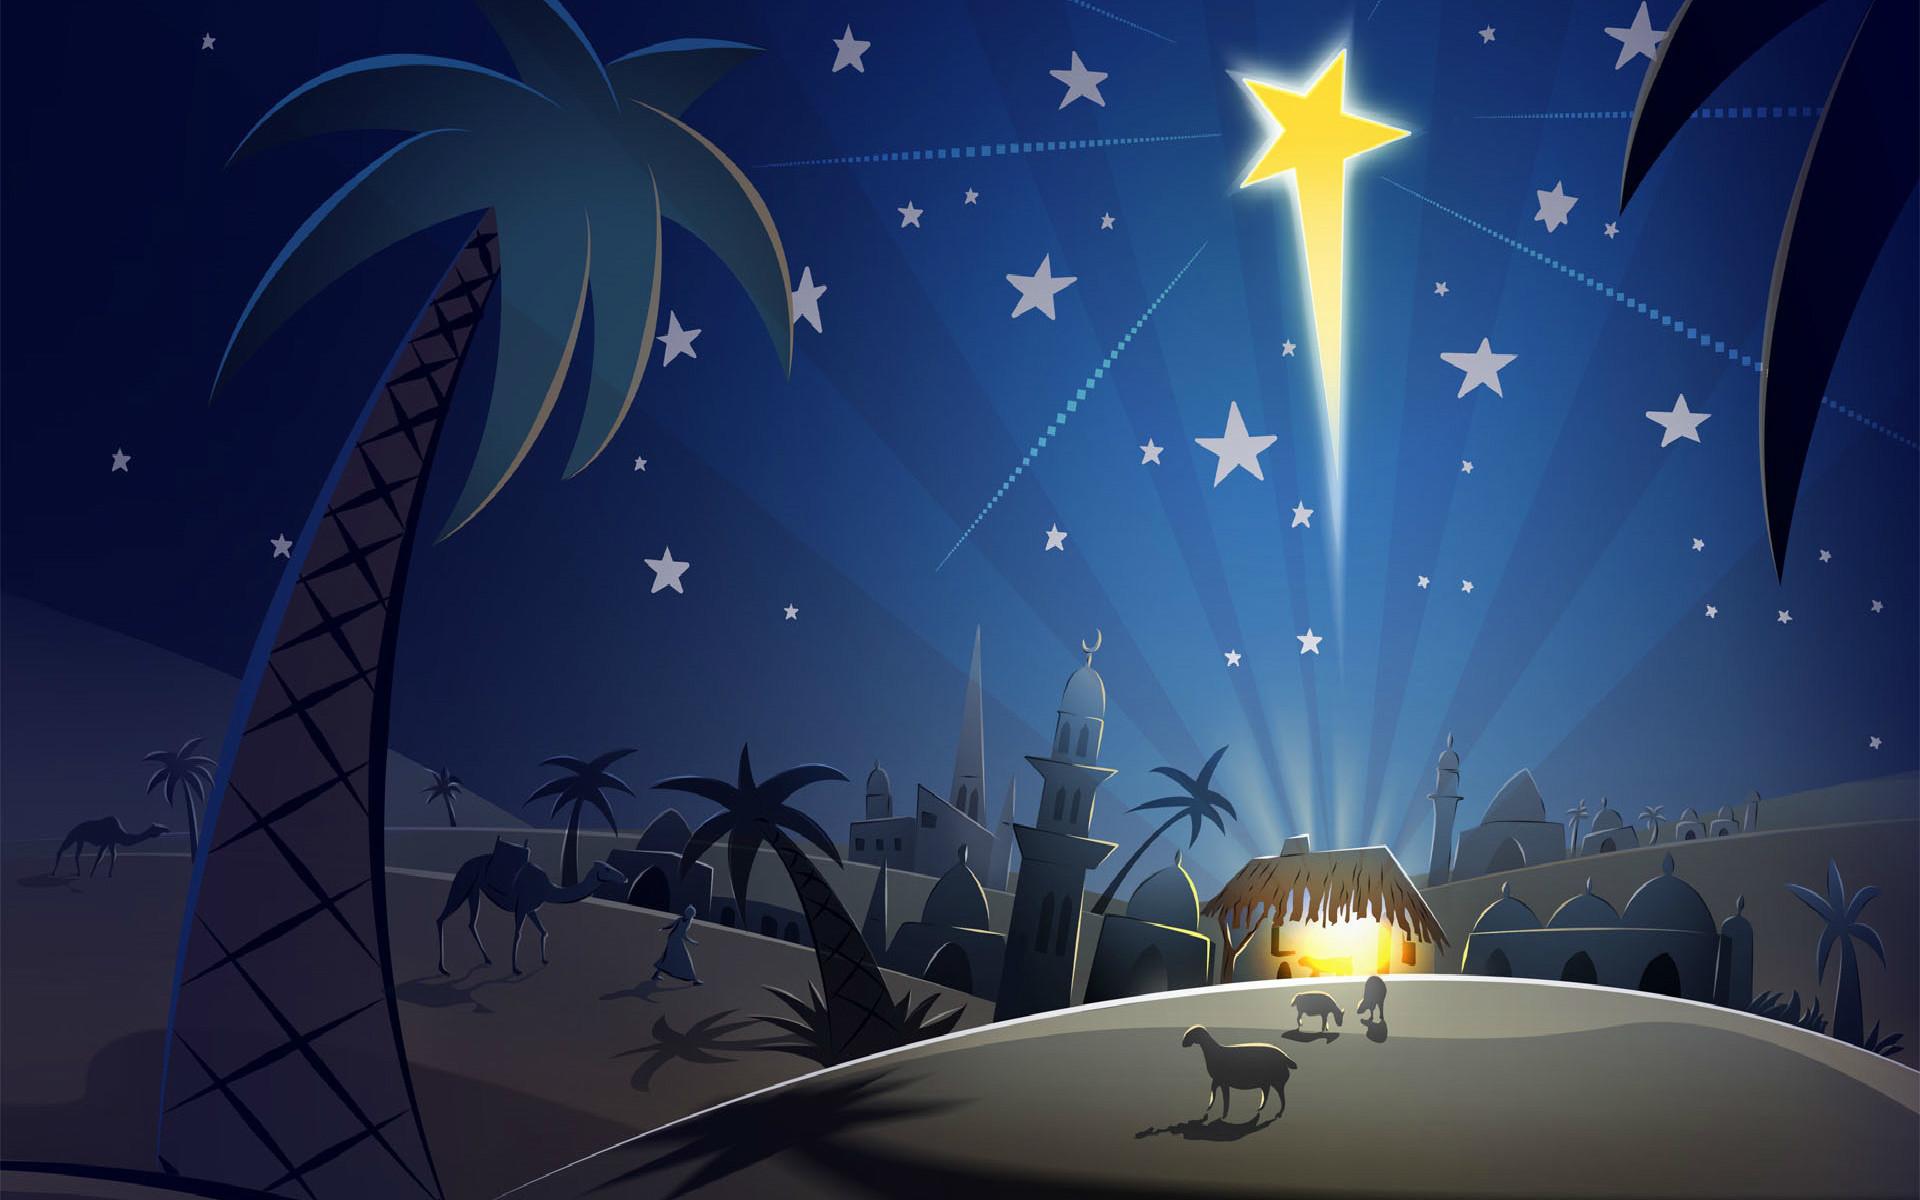 20 Christmas Animated Wallpapers